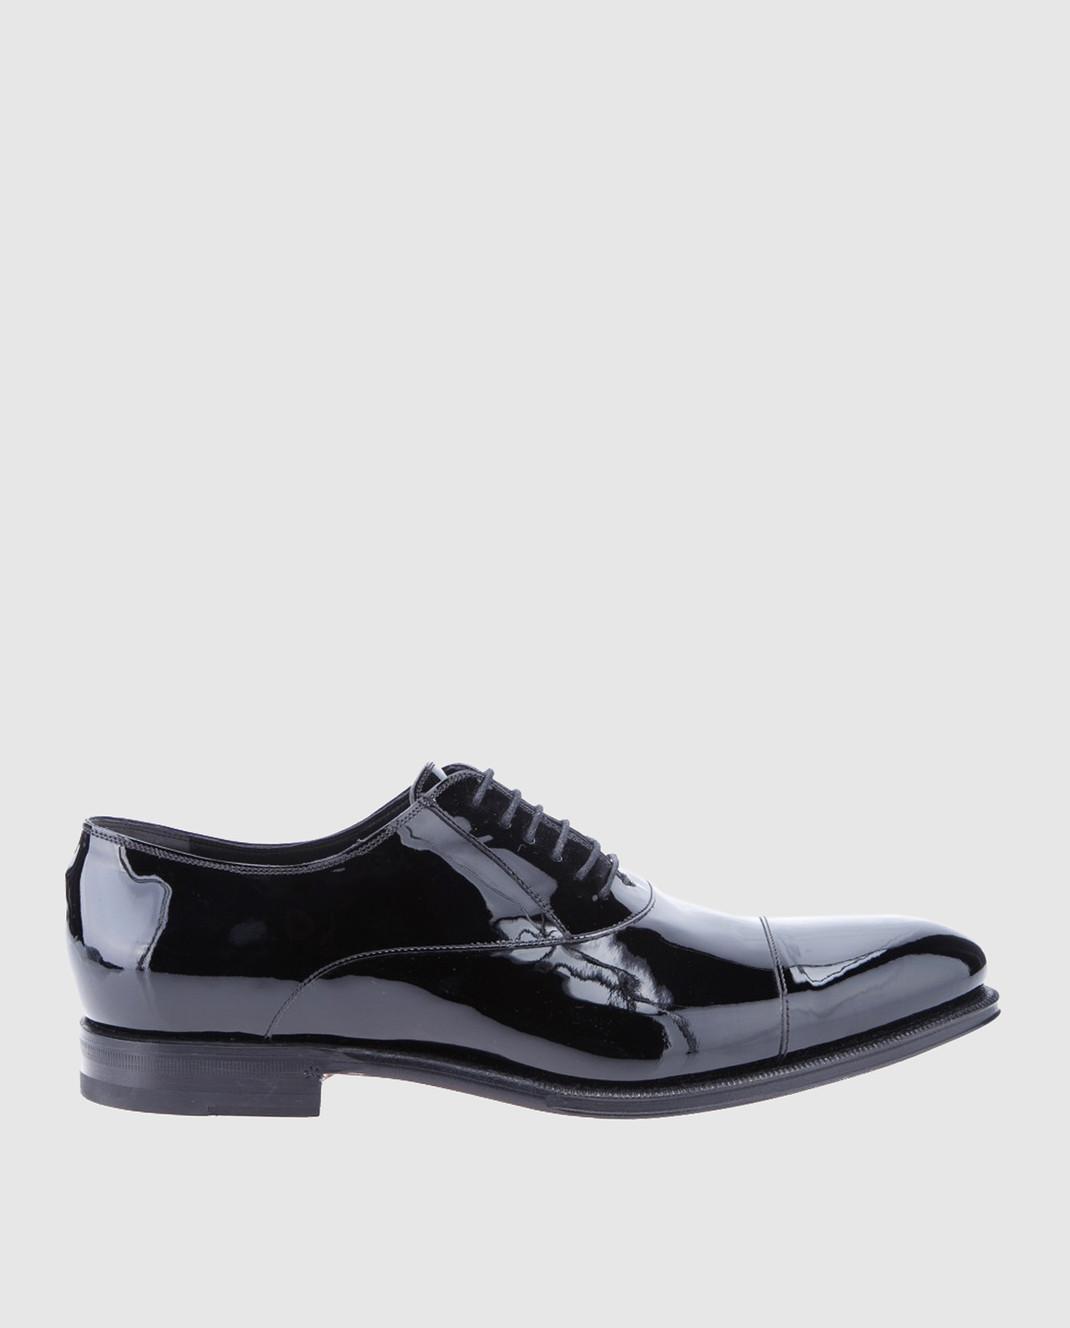 Gucci Черные кожаные оксфорды 457144BNCR0